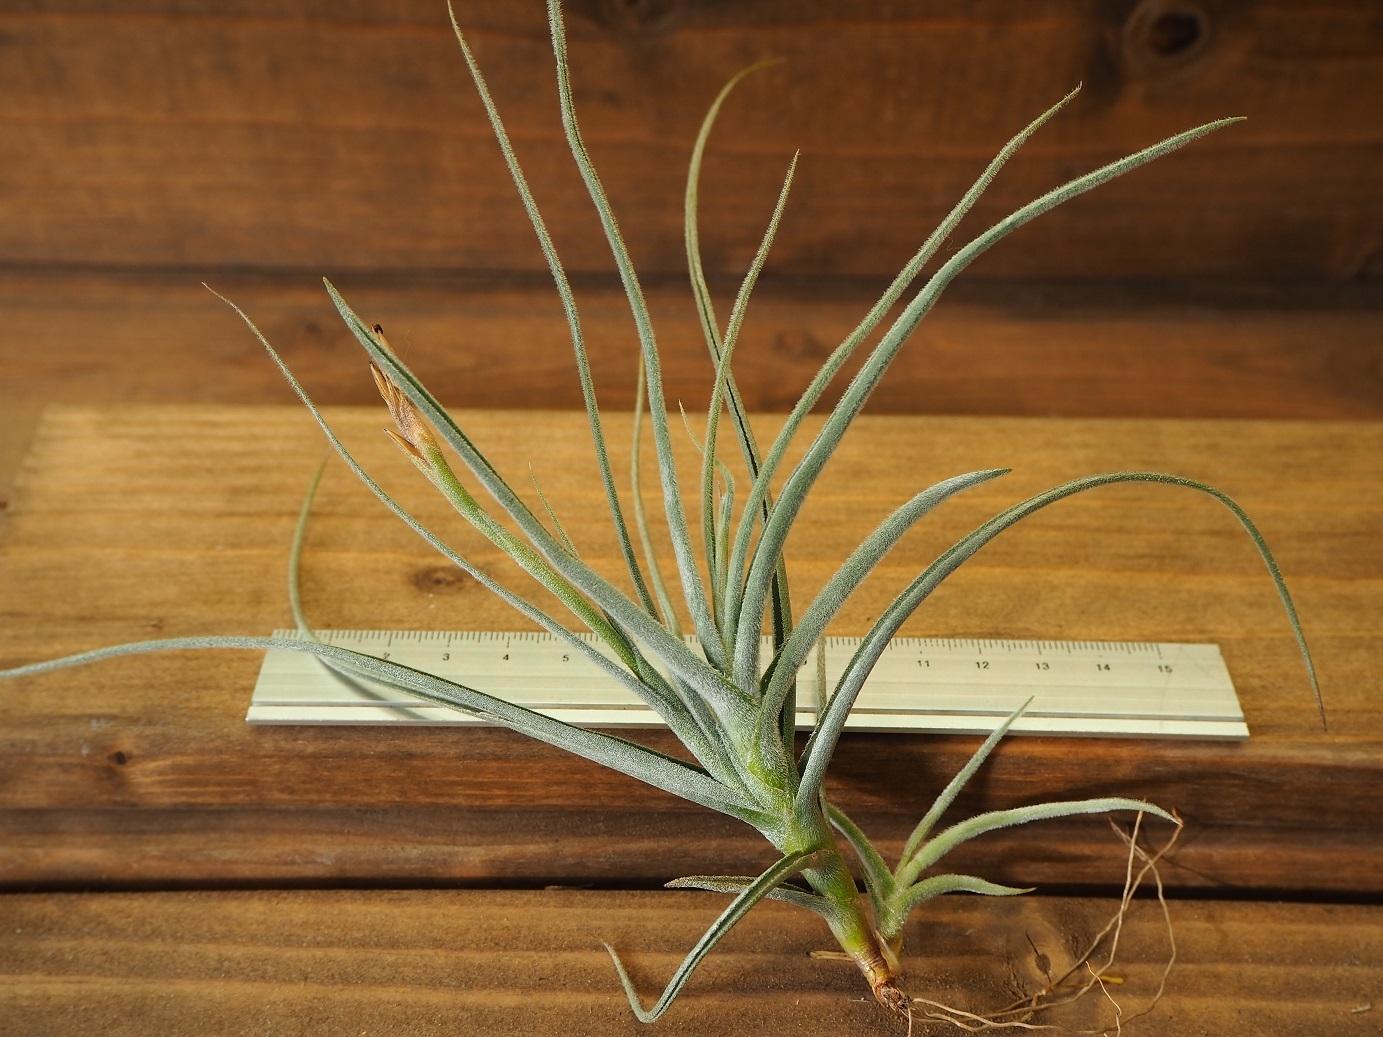 チランジア / カリギノーサ × クロカータ (T.caliginosa × T.crocata)